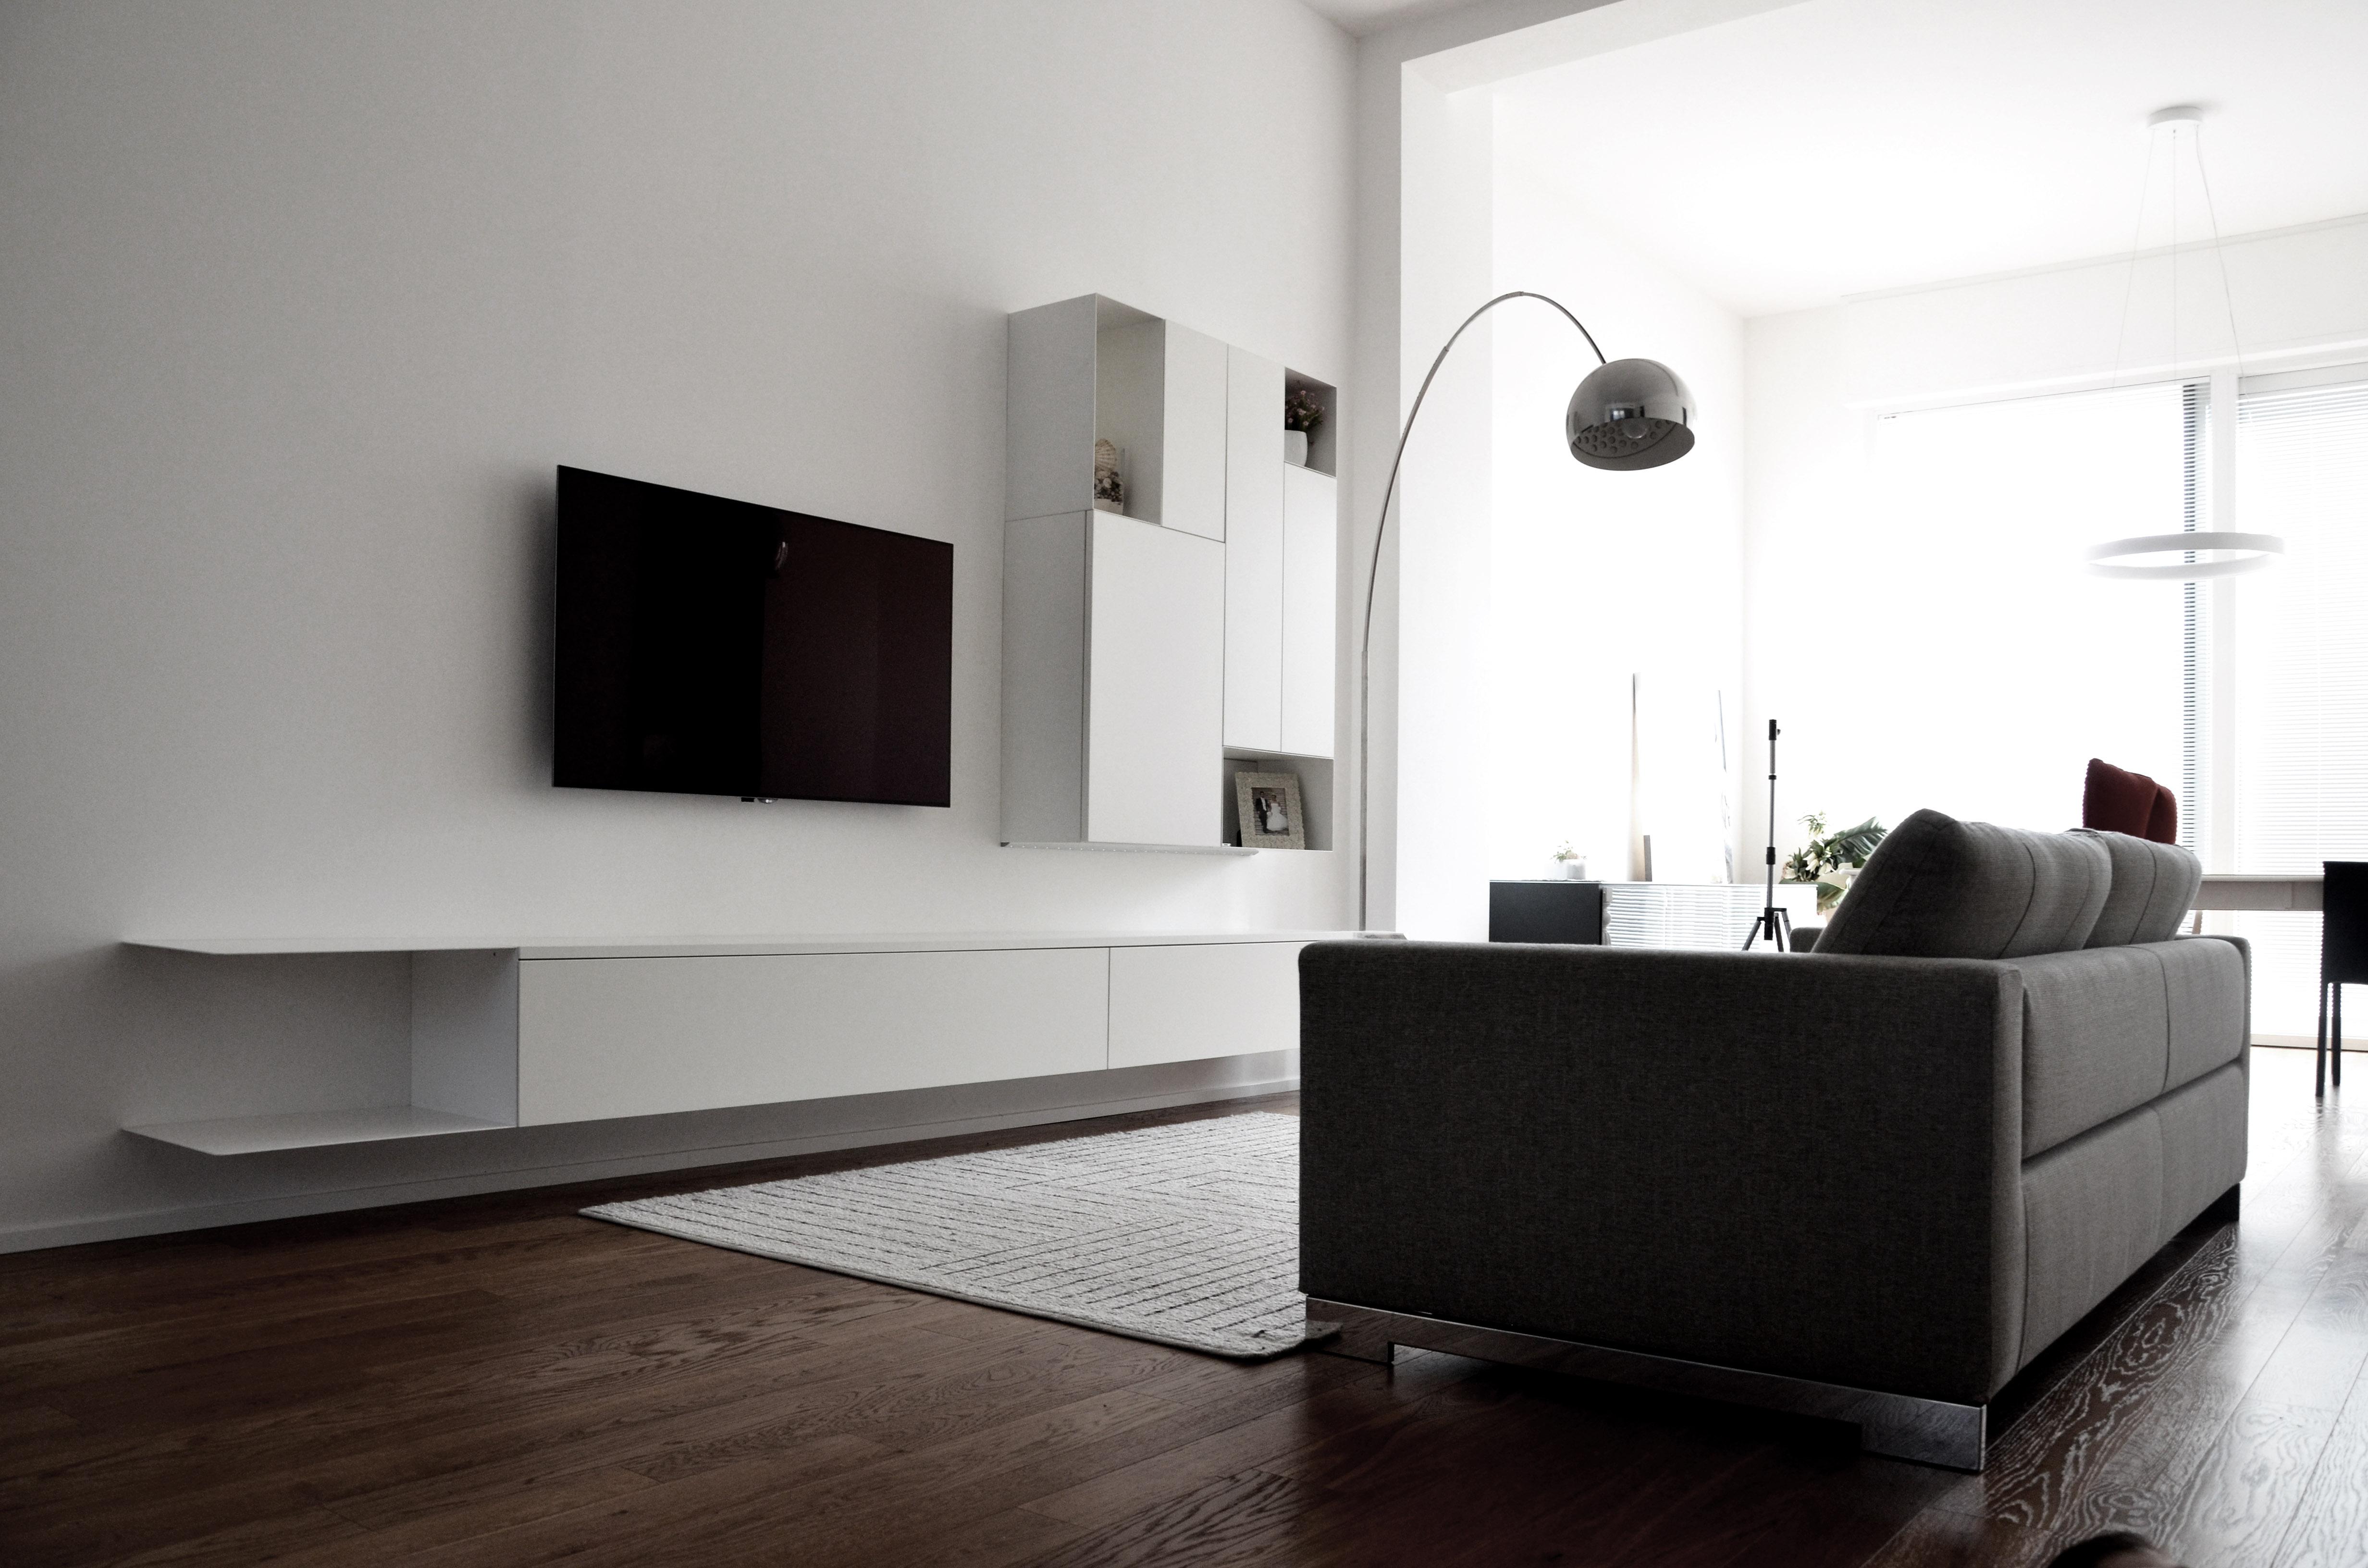 casa MB SR. la zona divani con mobile tv della porro e disegnato su misura dall'architetto francesco valentini.